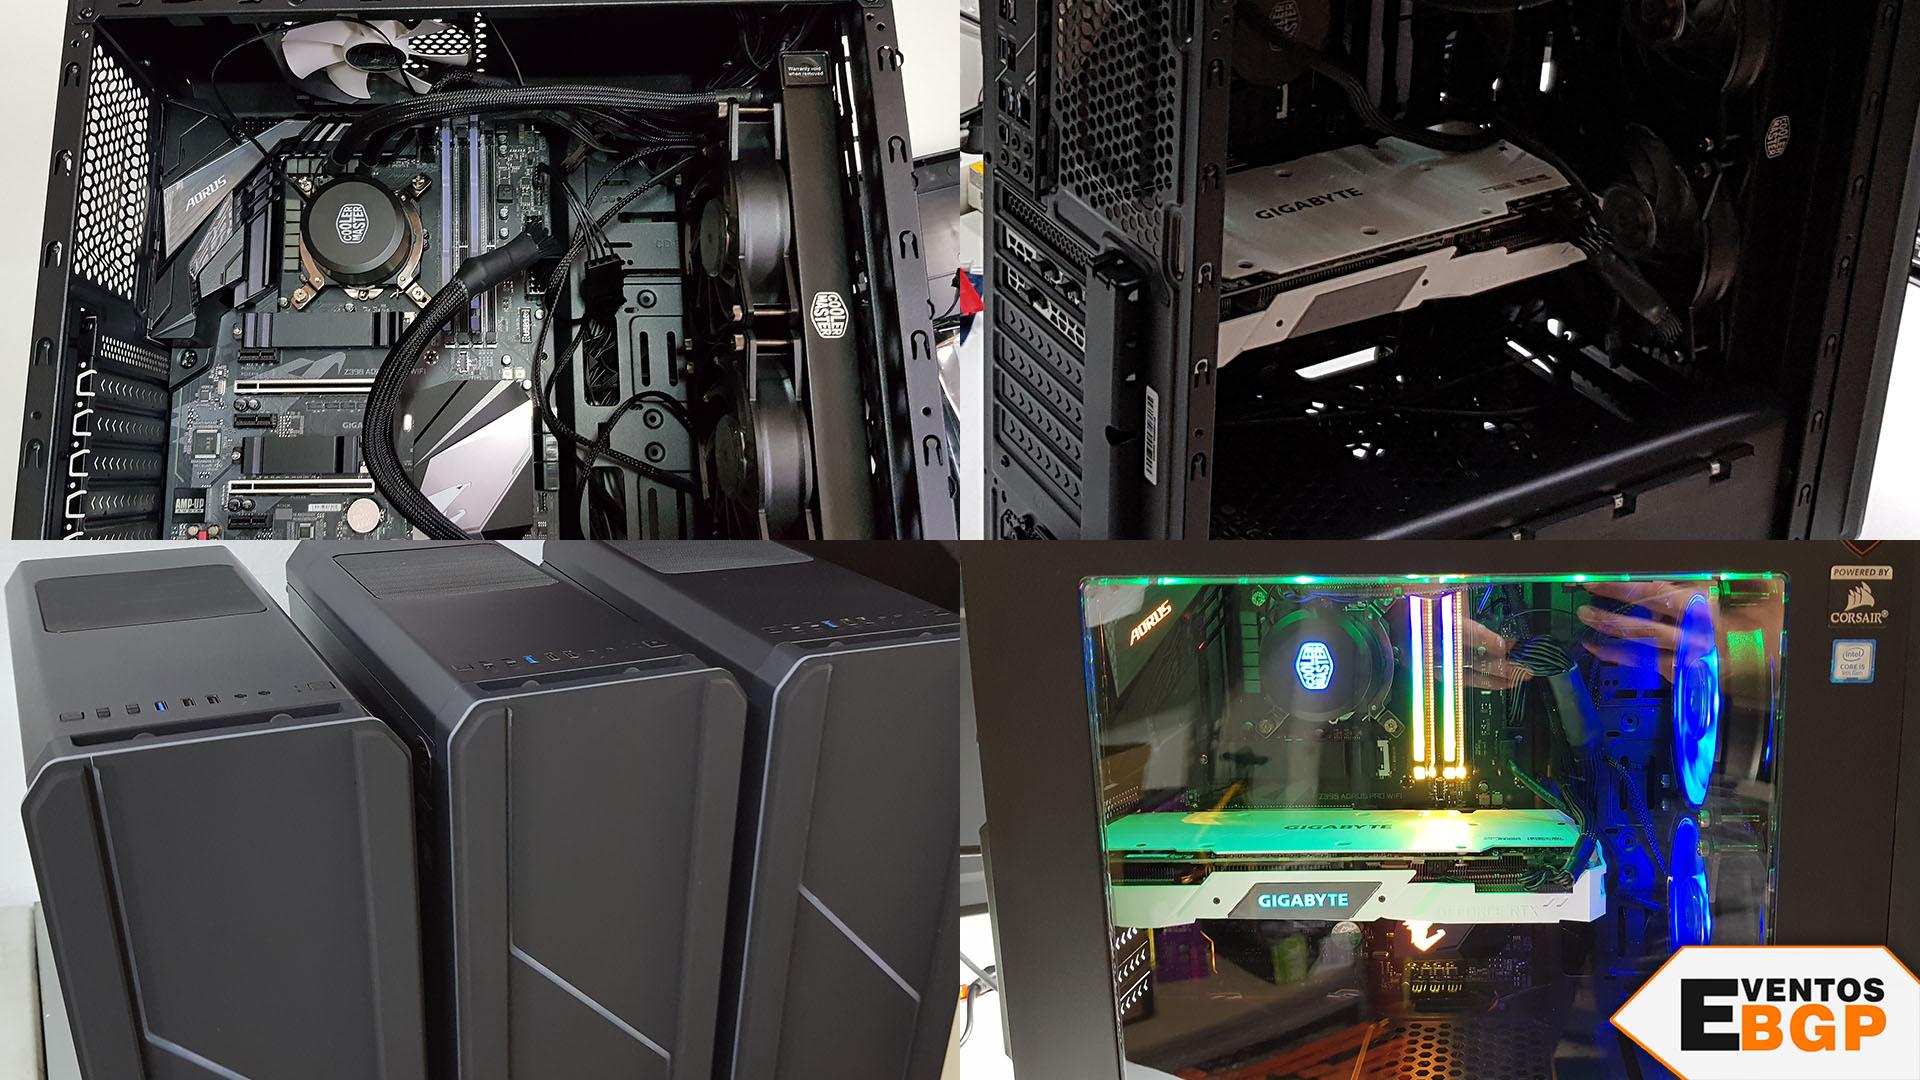 Pasos del montaje de un ordenador gaming como novedad